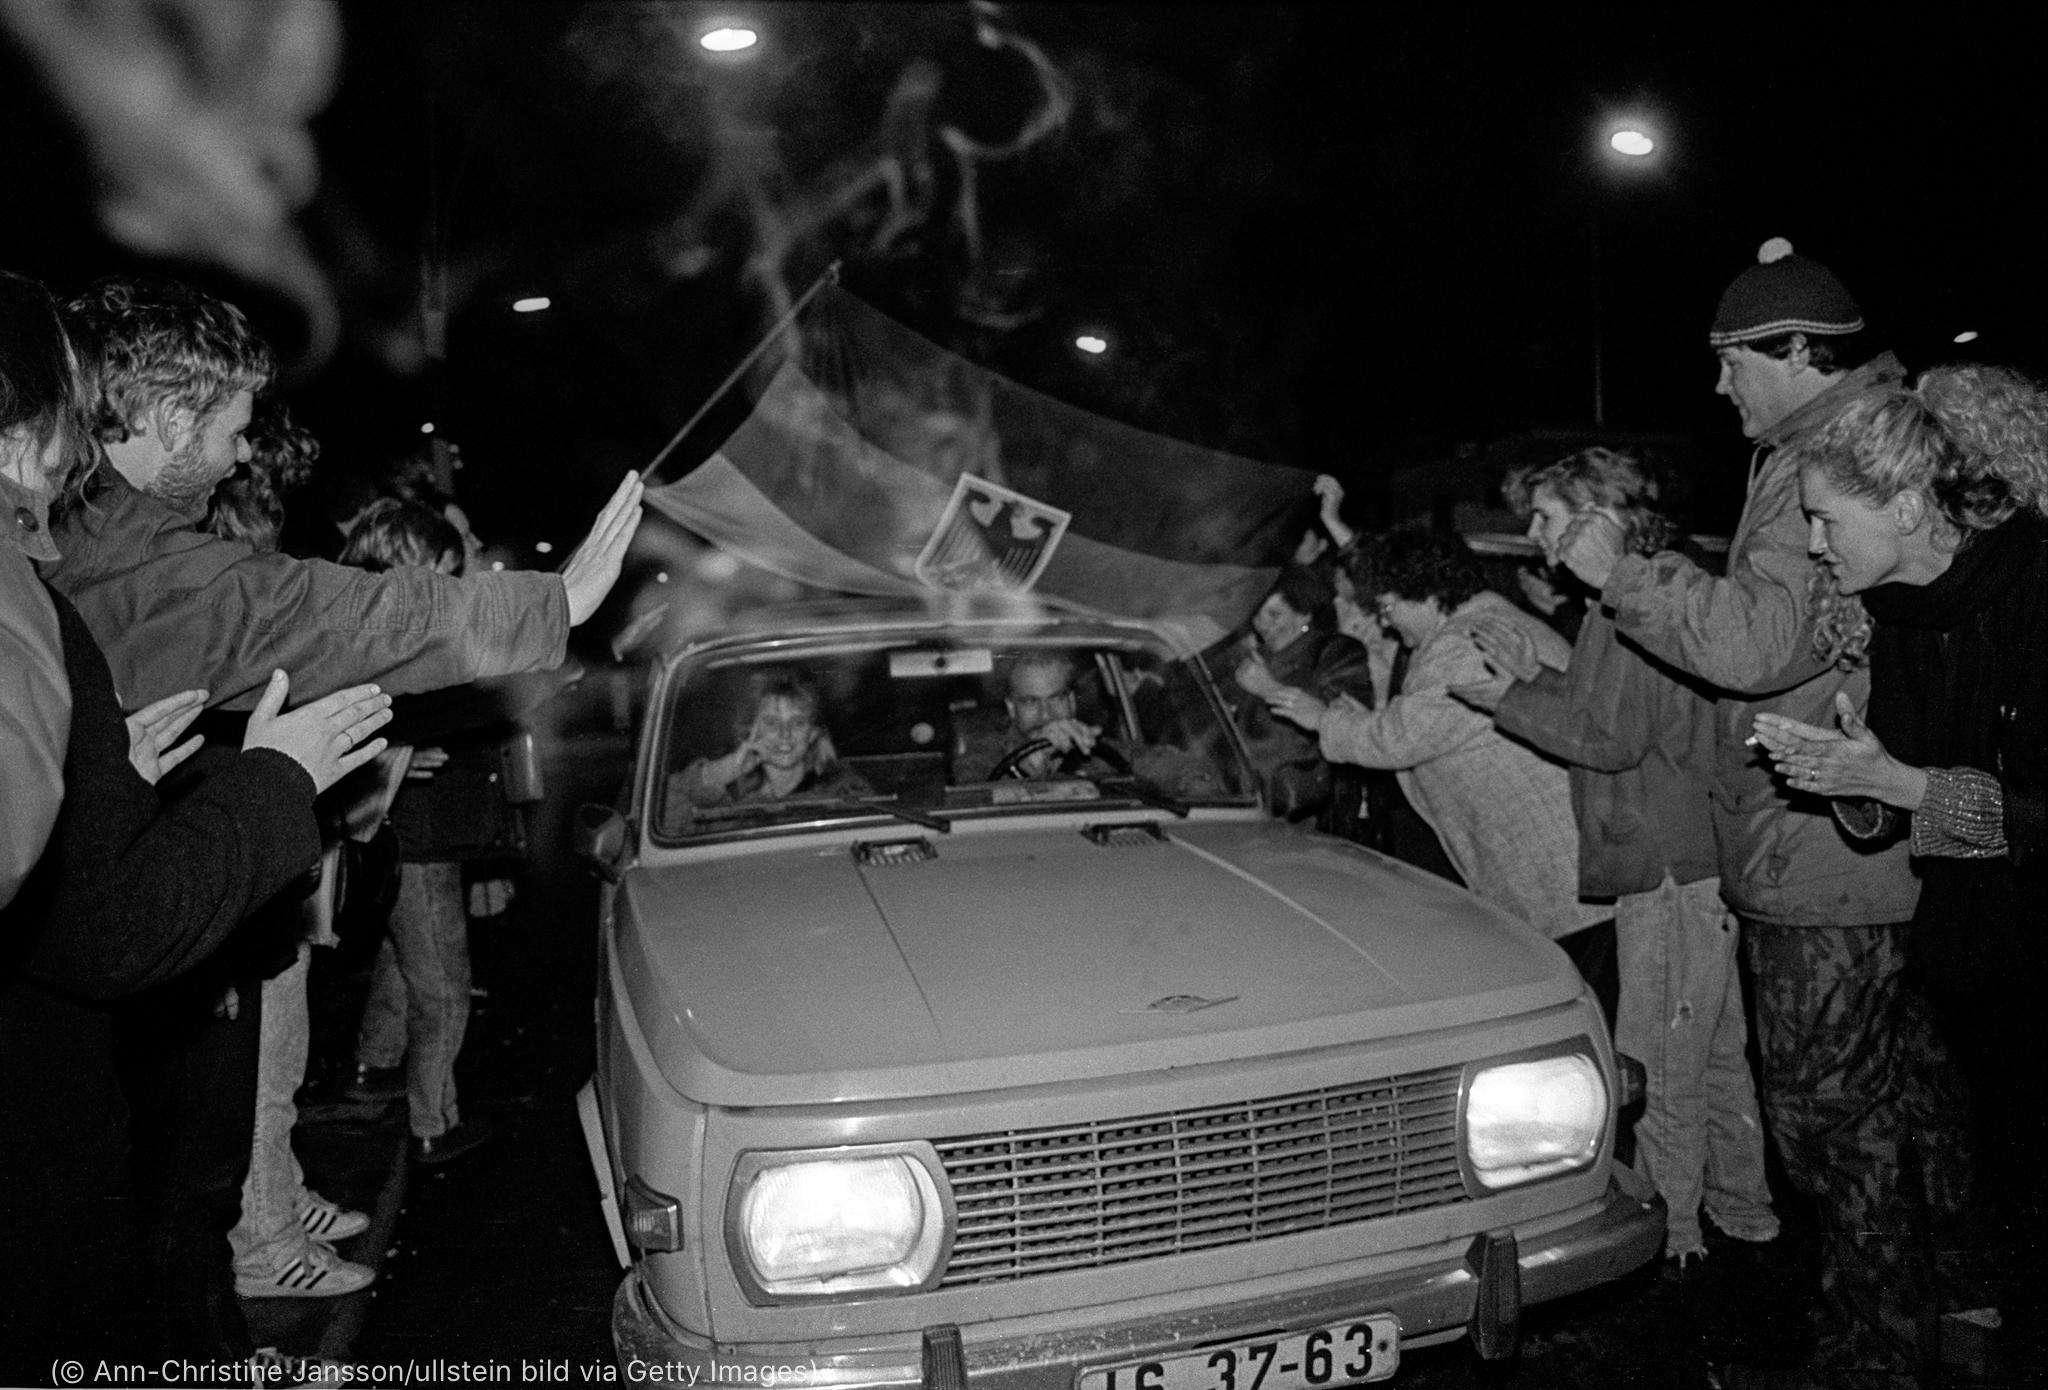 Des gens faisant la fête autour d'une voiture (© Ann-Christine Jansson/ullstein bild via Getty Images)